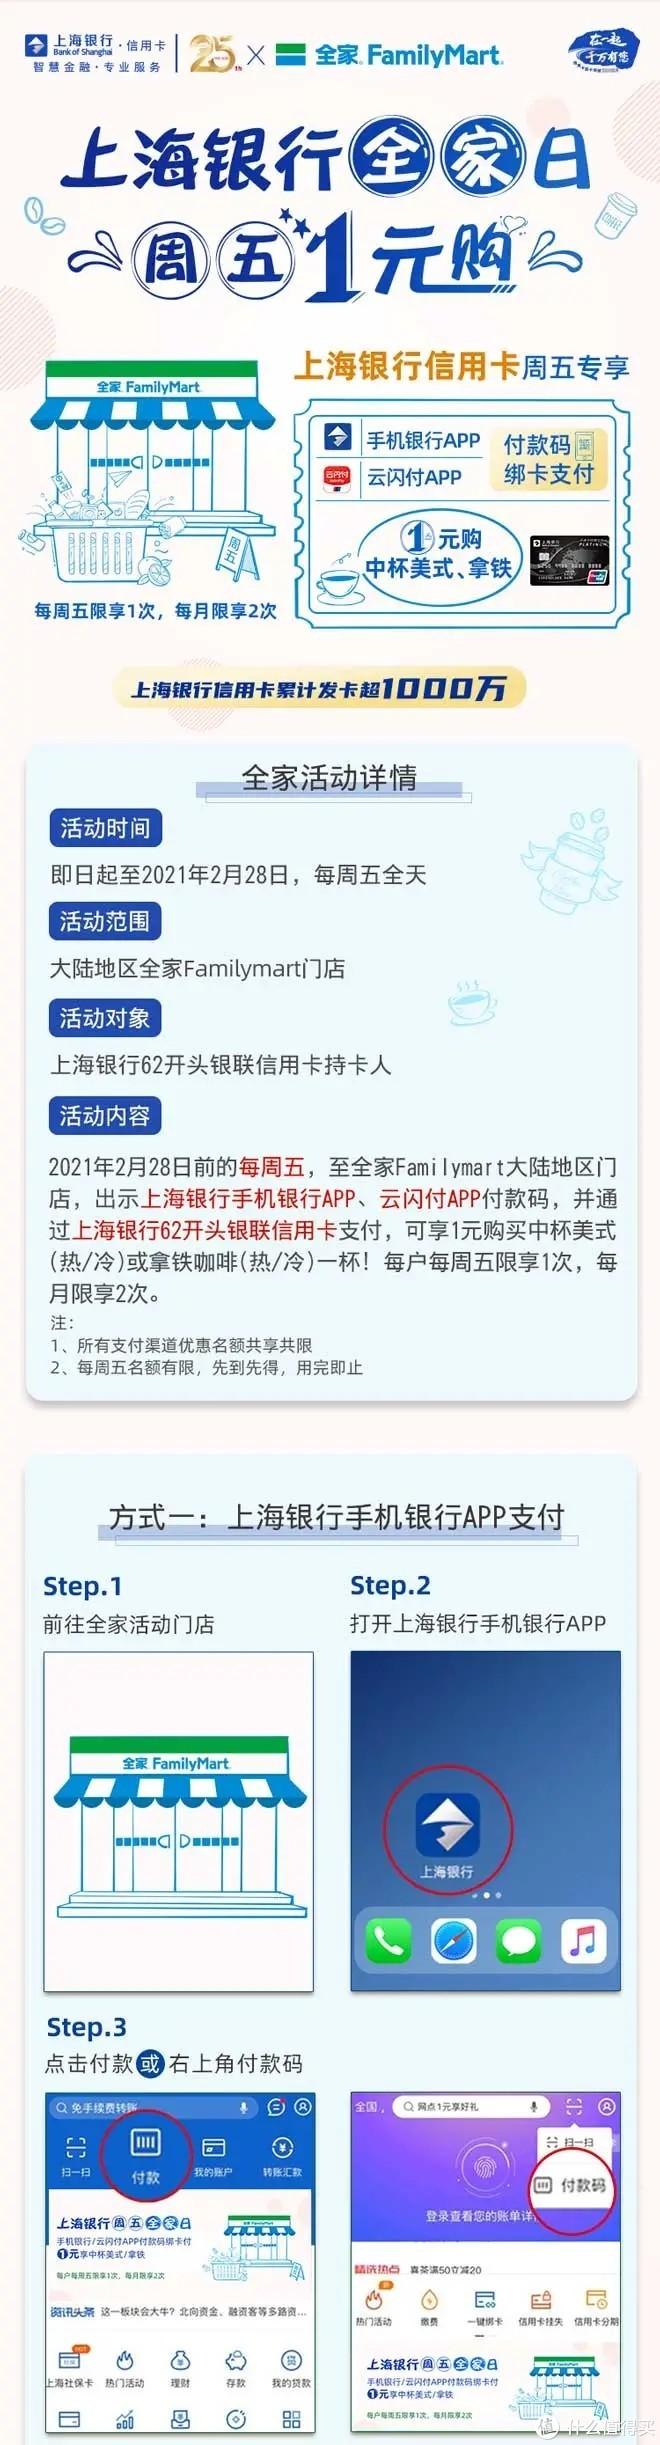 浦发银行 平安银行 上海银行等热门优惠活动推荐 20210108